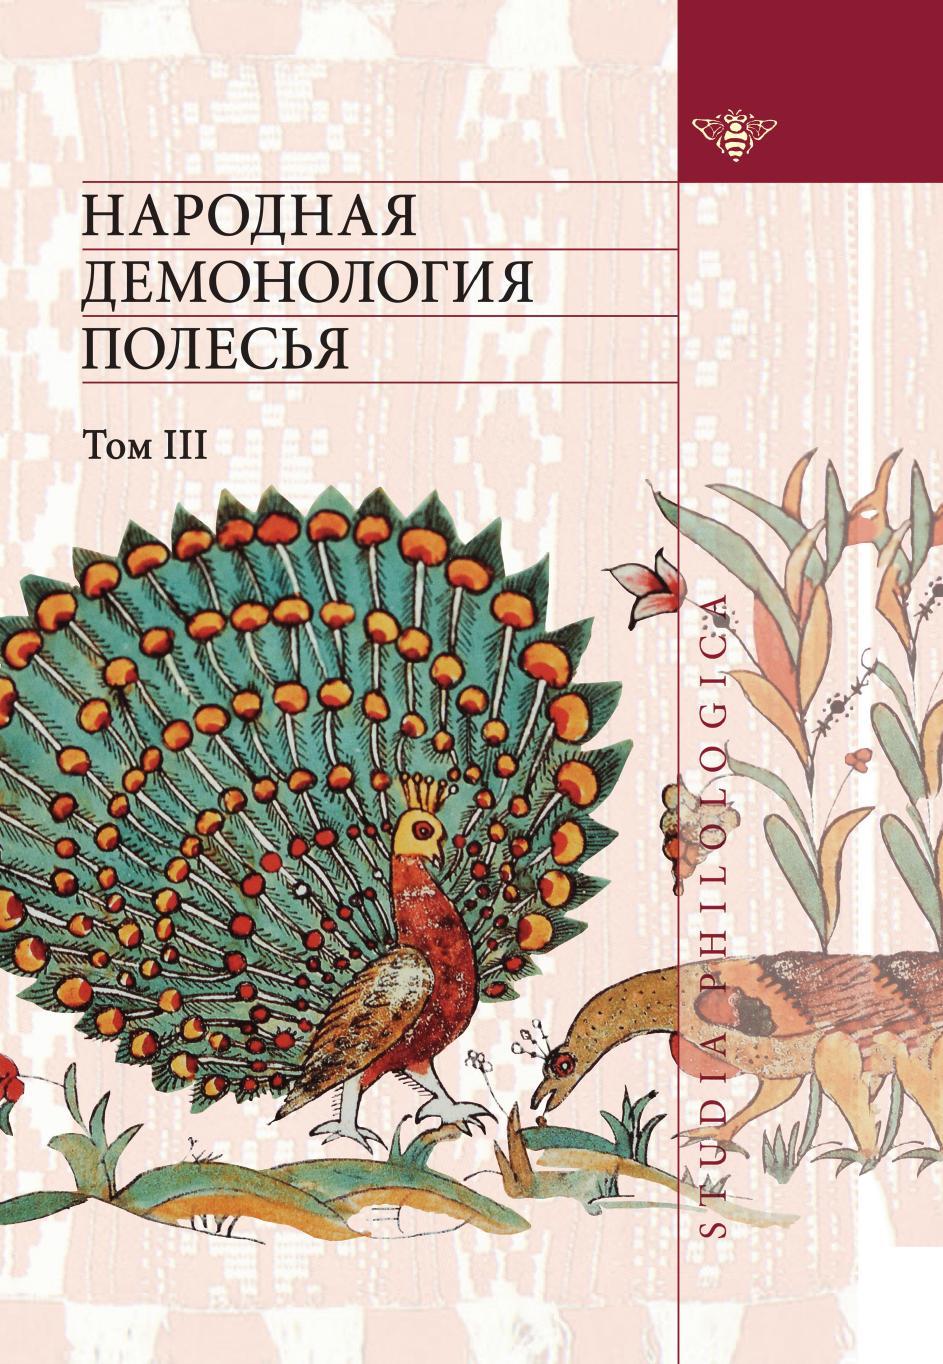 Narodnaya-demonologiya-Polesqya-Publikacii-tekstov-v-zapisyah-80-90-h-gg-XX-veka-Tom-3-Mifologizaciya-prirodnyh-yavlenij-i-chelovecheskih-sostoyanij-1